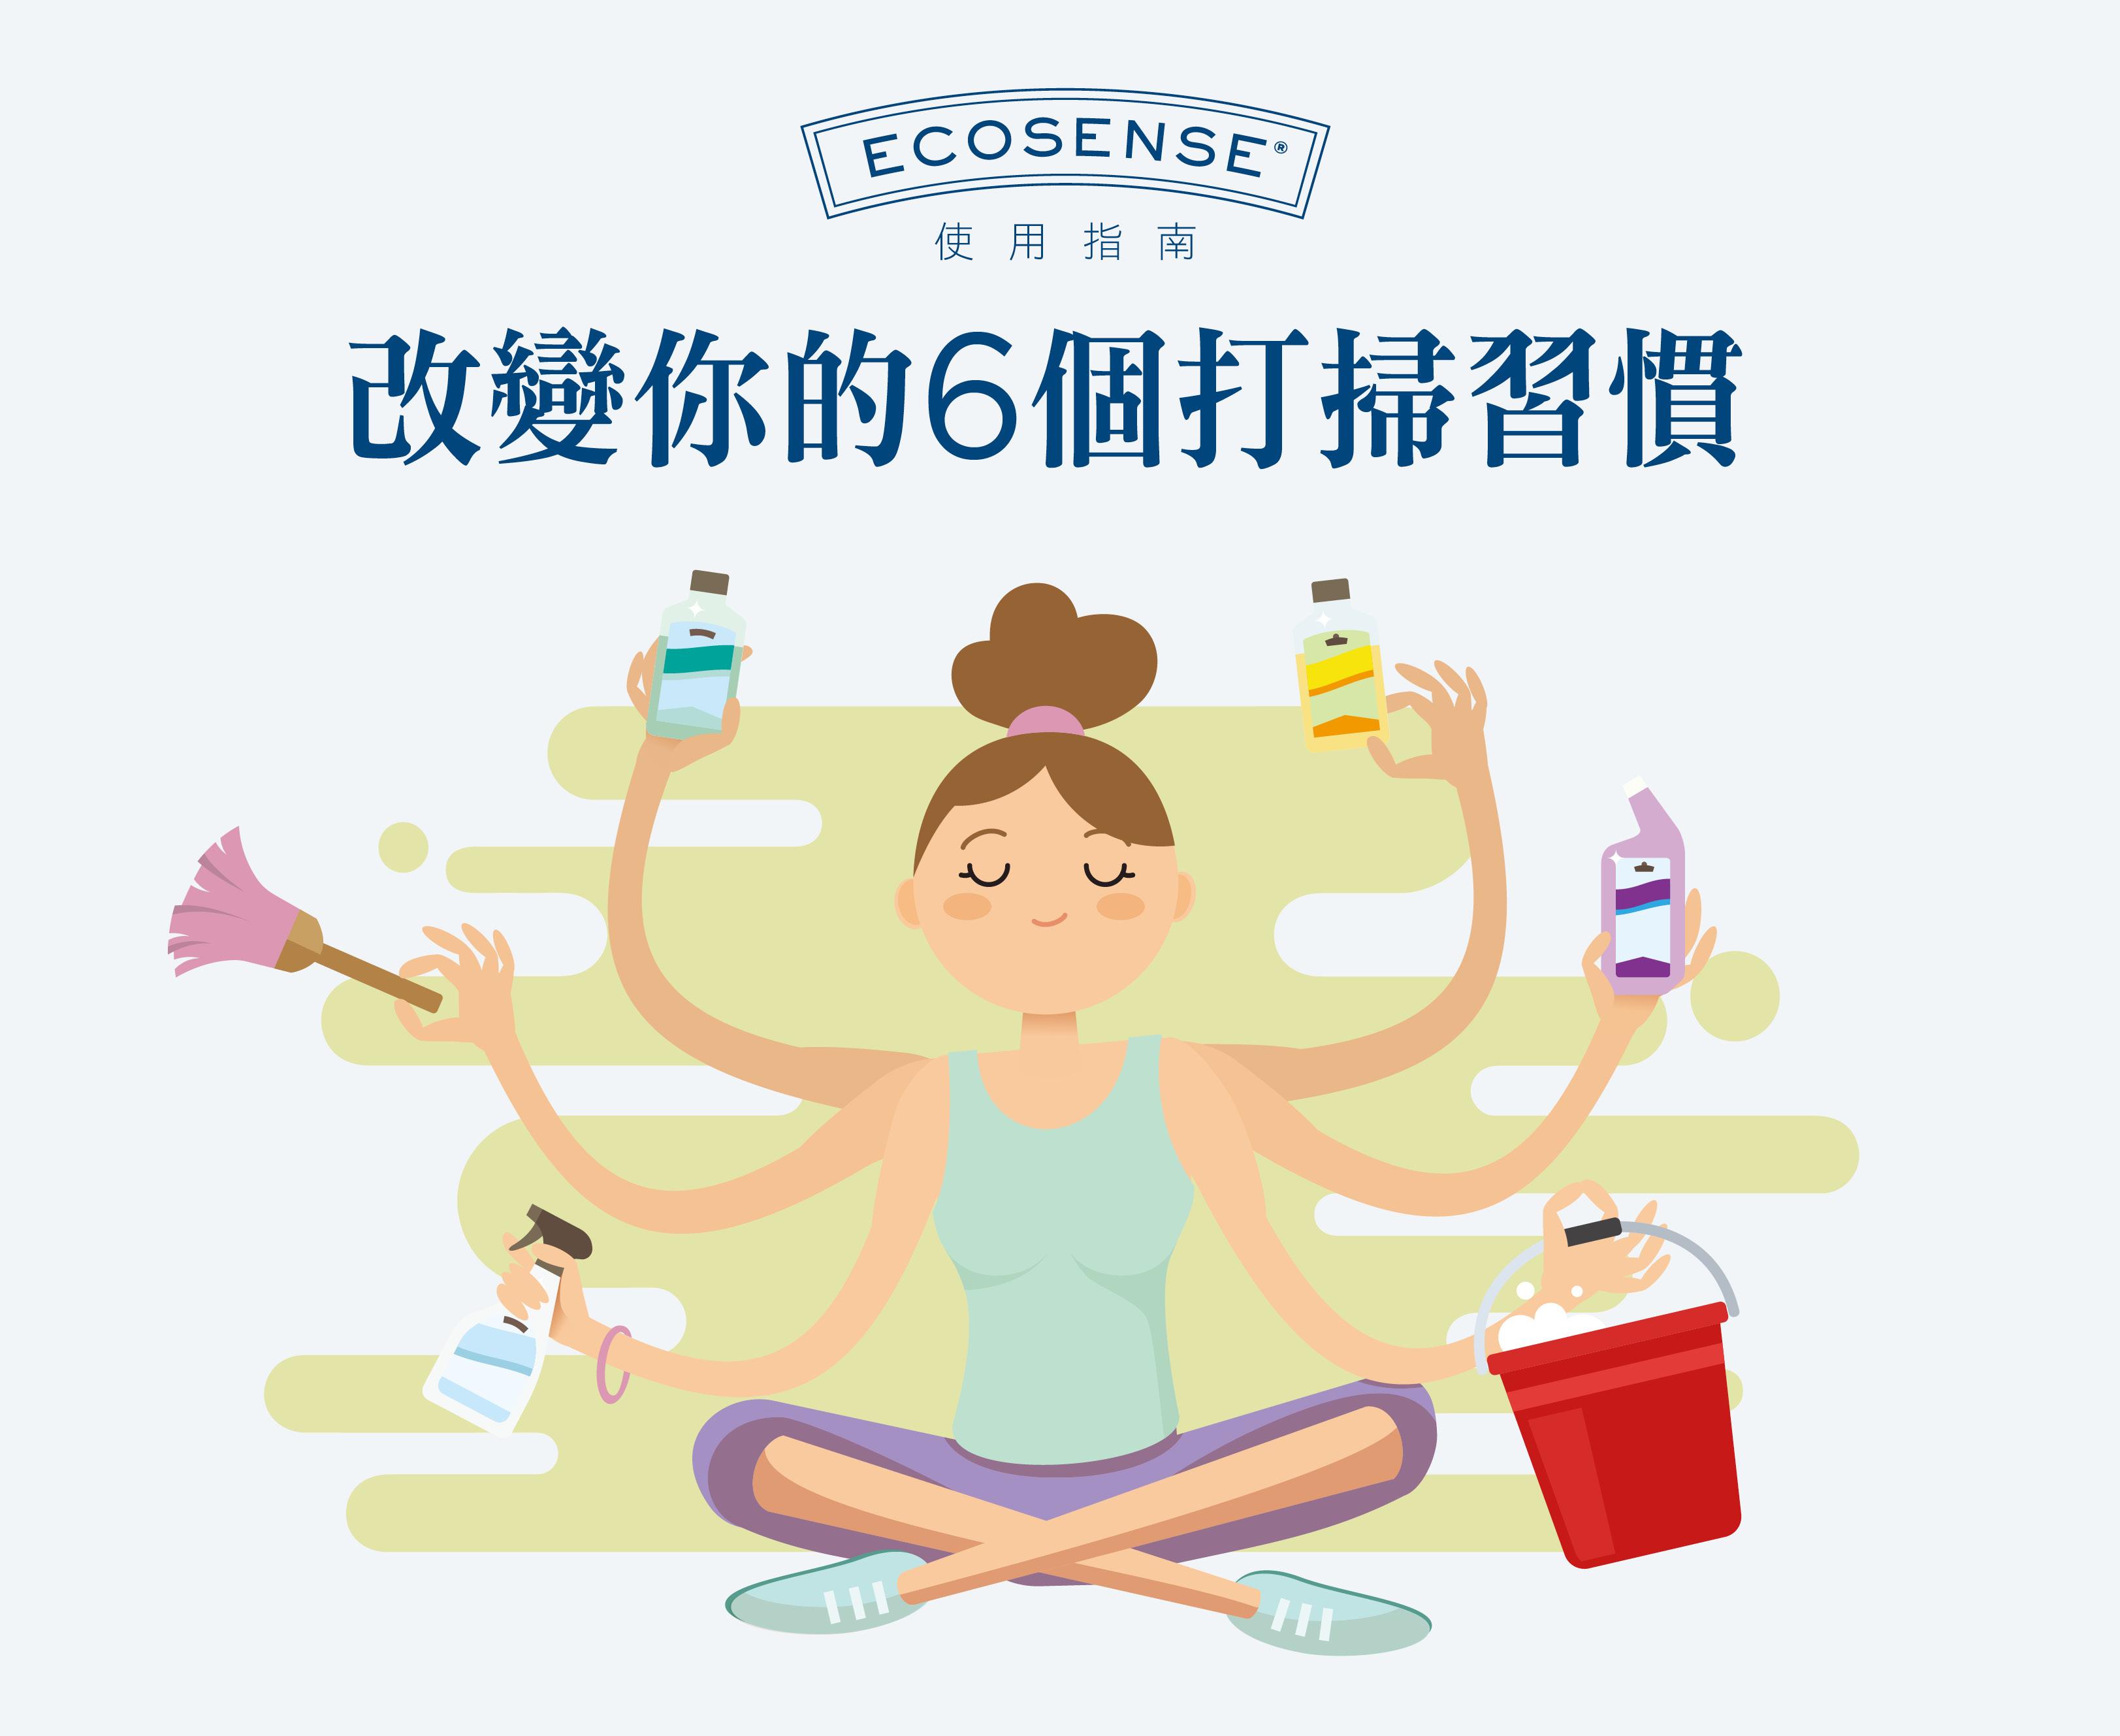 美樂家EcoSense清潔系列使用指南,改變你的6個打掃習慣